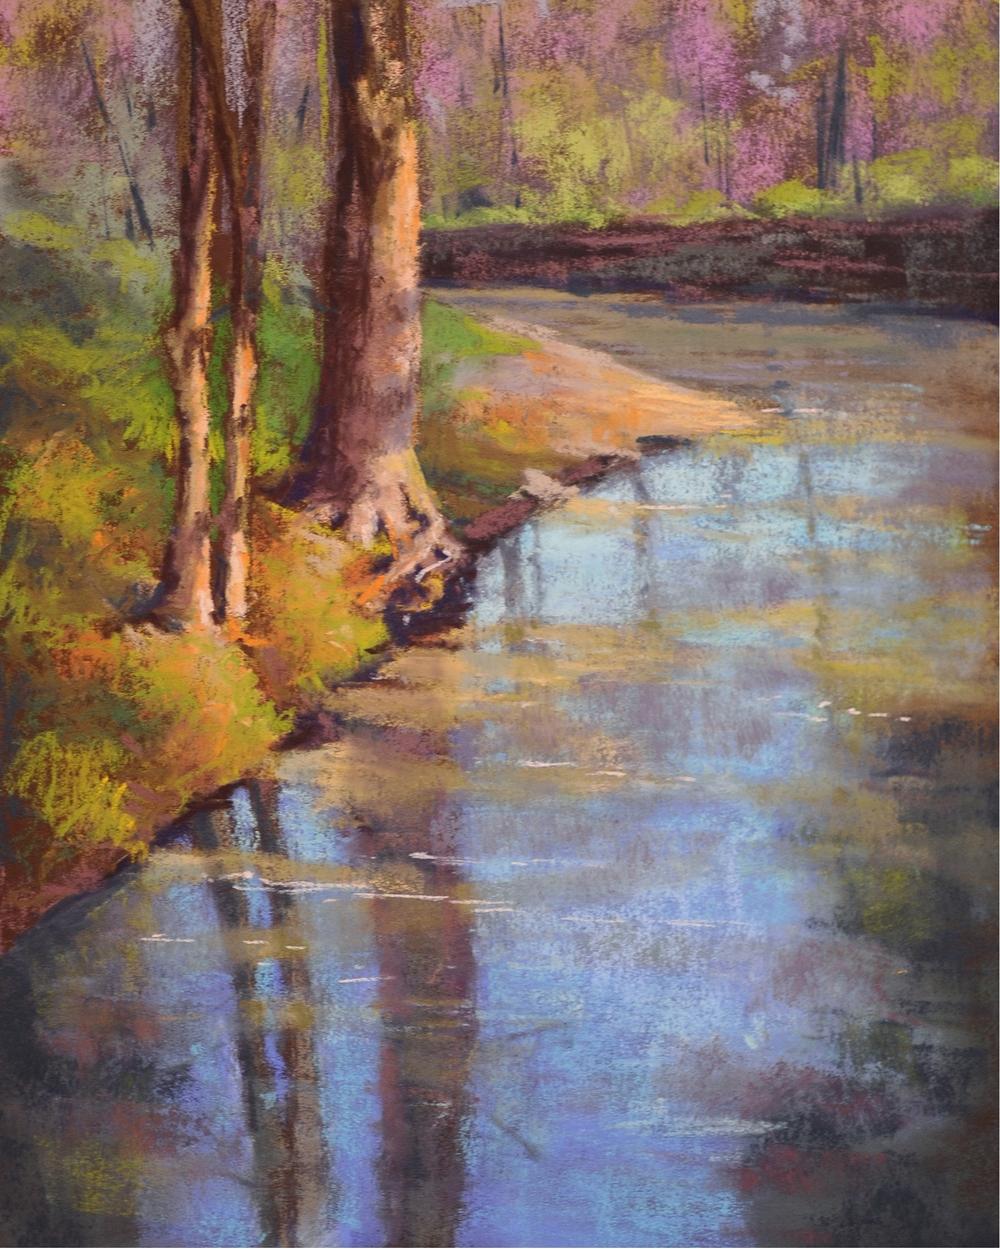 Cristine Sundquist Quiet Water 11x14 pastel $375